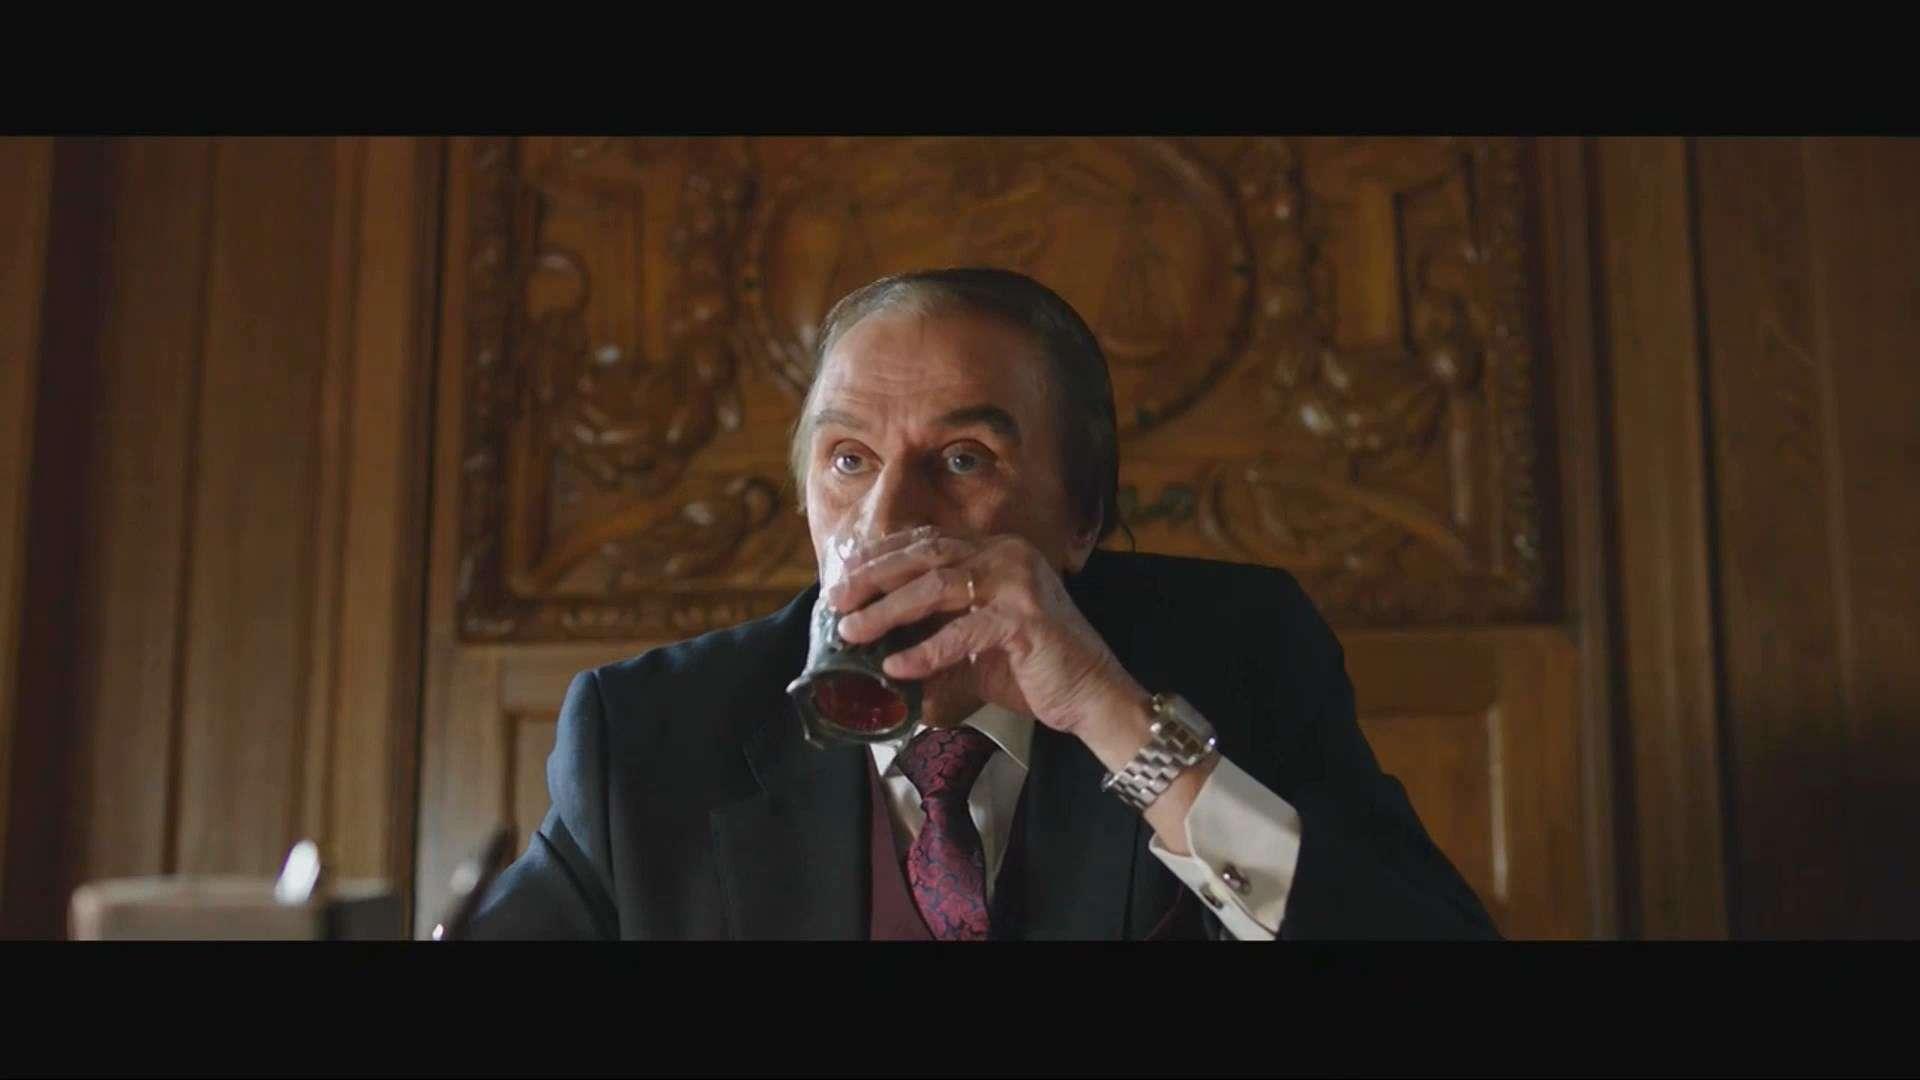 [فيلم][تورنت][تحميل][تراب الماس][2018][1080p][HDTV] 6 arabp2p.com